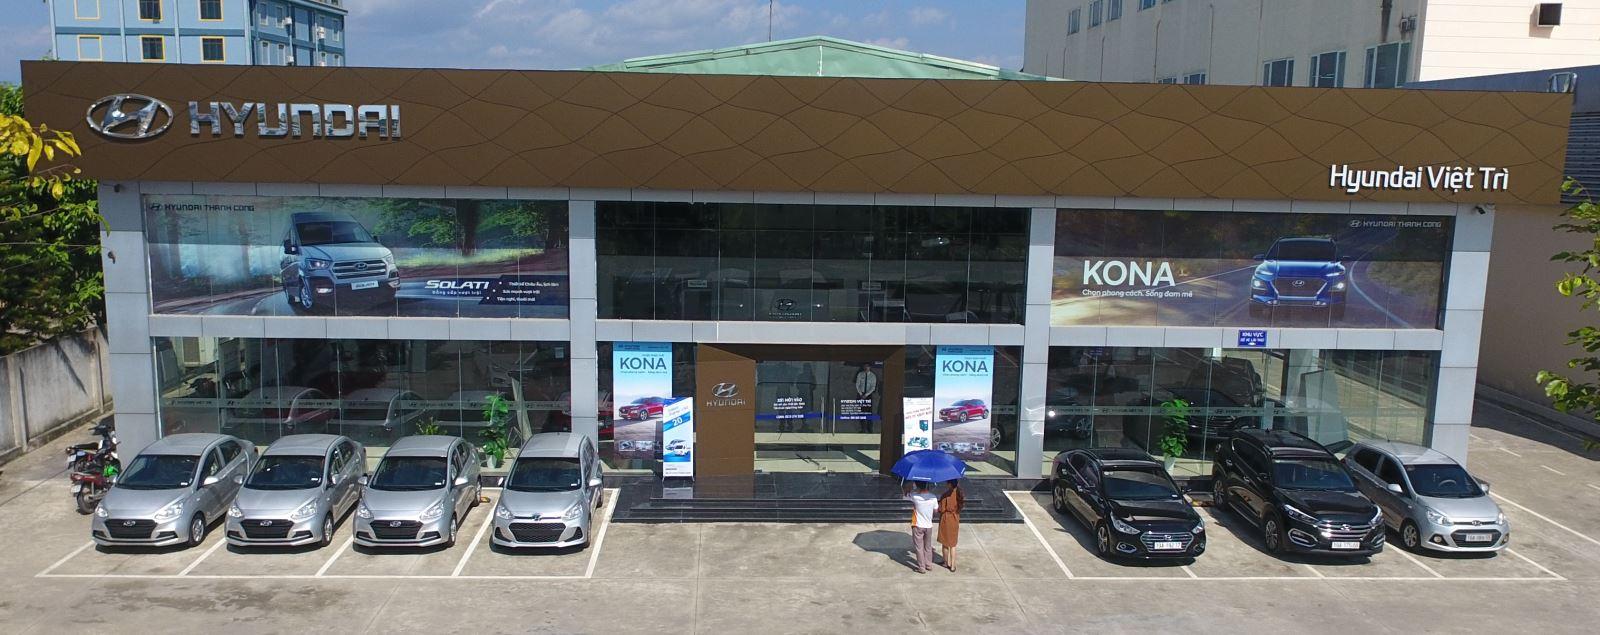 Mặt Tiền Hyundai 3S Việt Trì